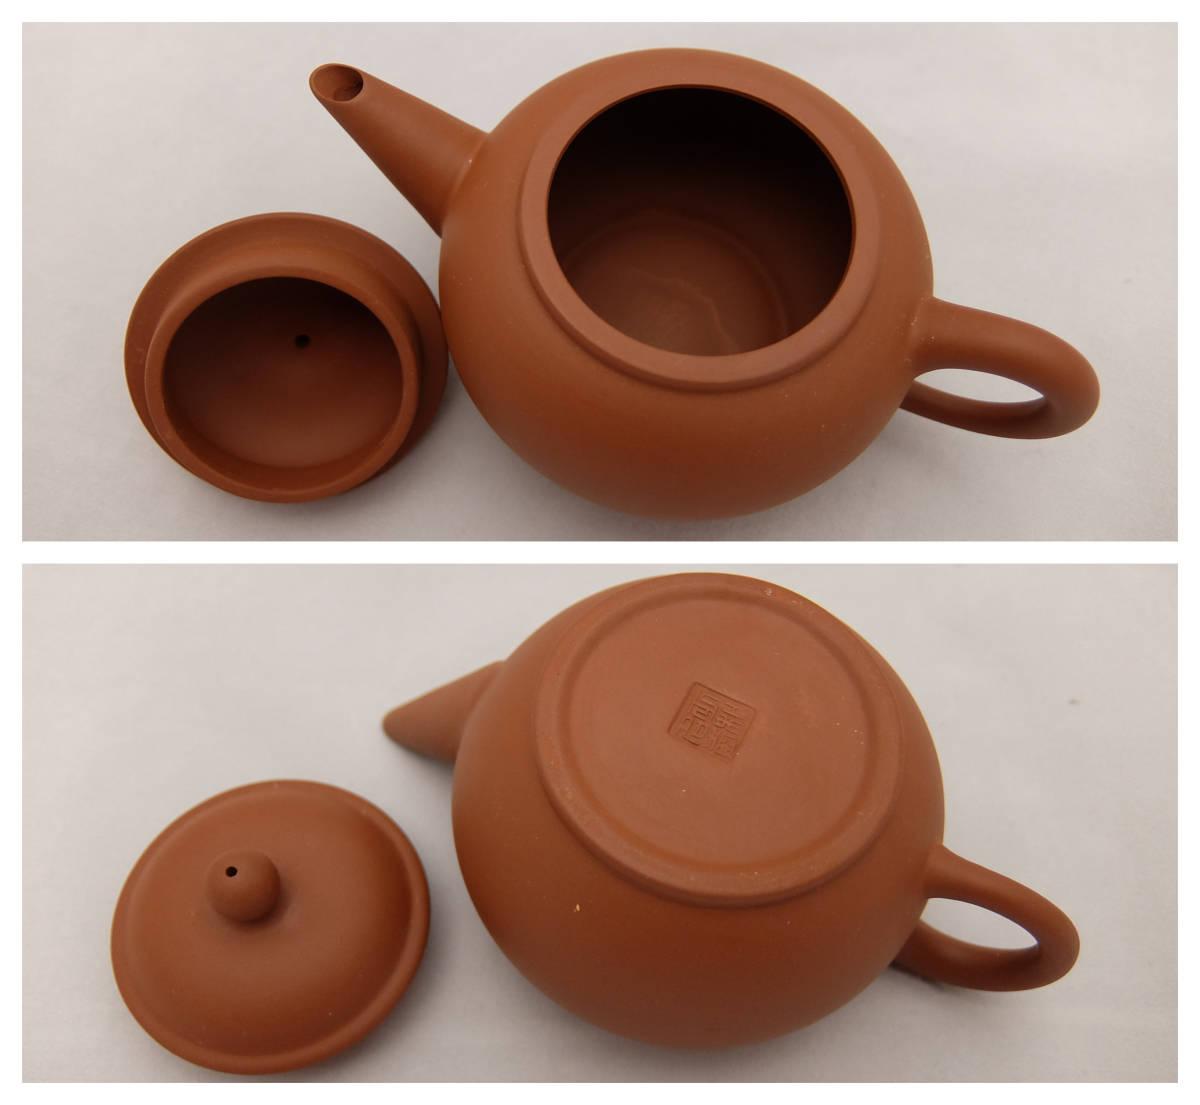 未使用 お茶の奈仁和園 茶器セット 急須と茶杯6個と茶船のセット 茶杯:直径5×高さ3cm 紫泥 朱泥 台湾 中国 茶具 茶器 お茶 道具 煎茶道具_画像8